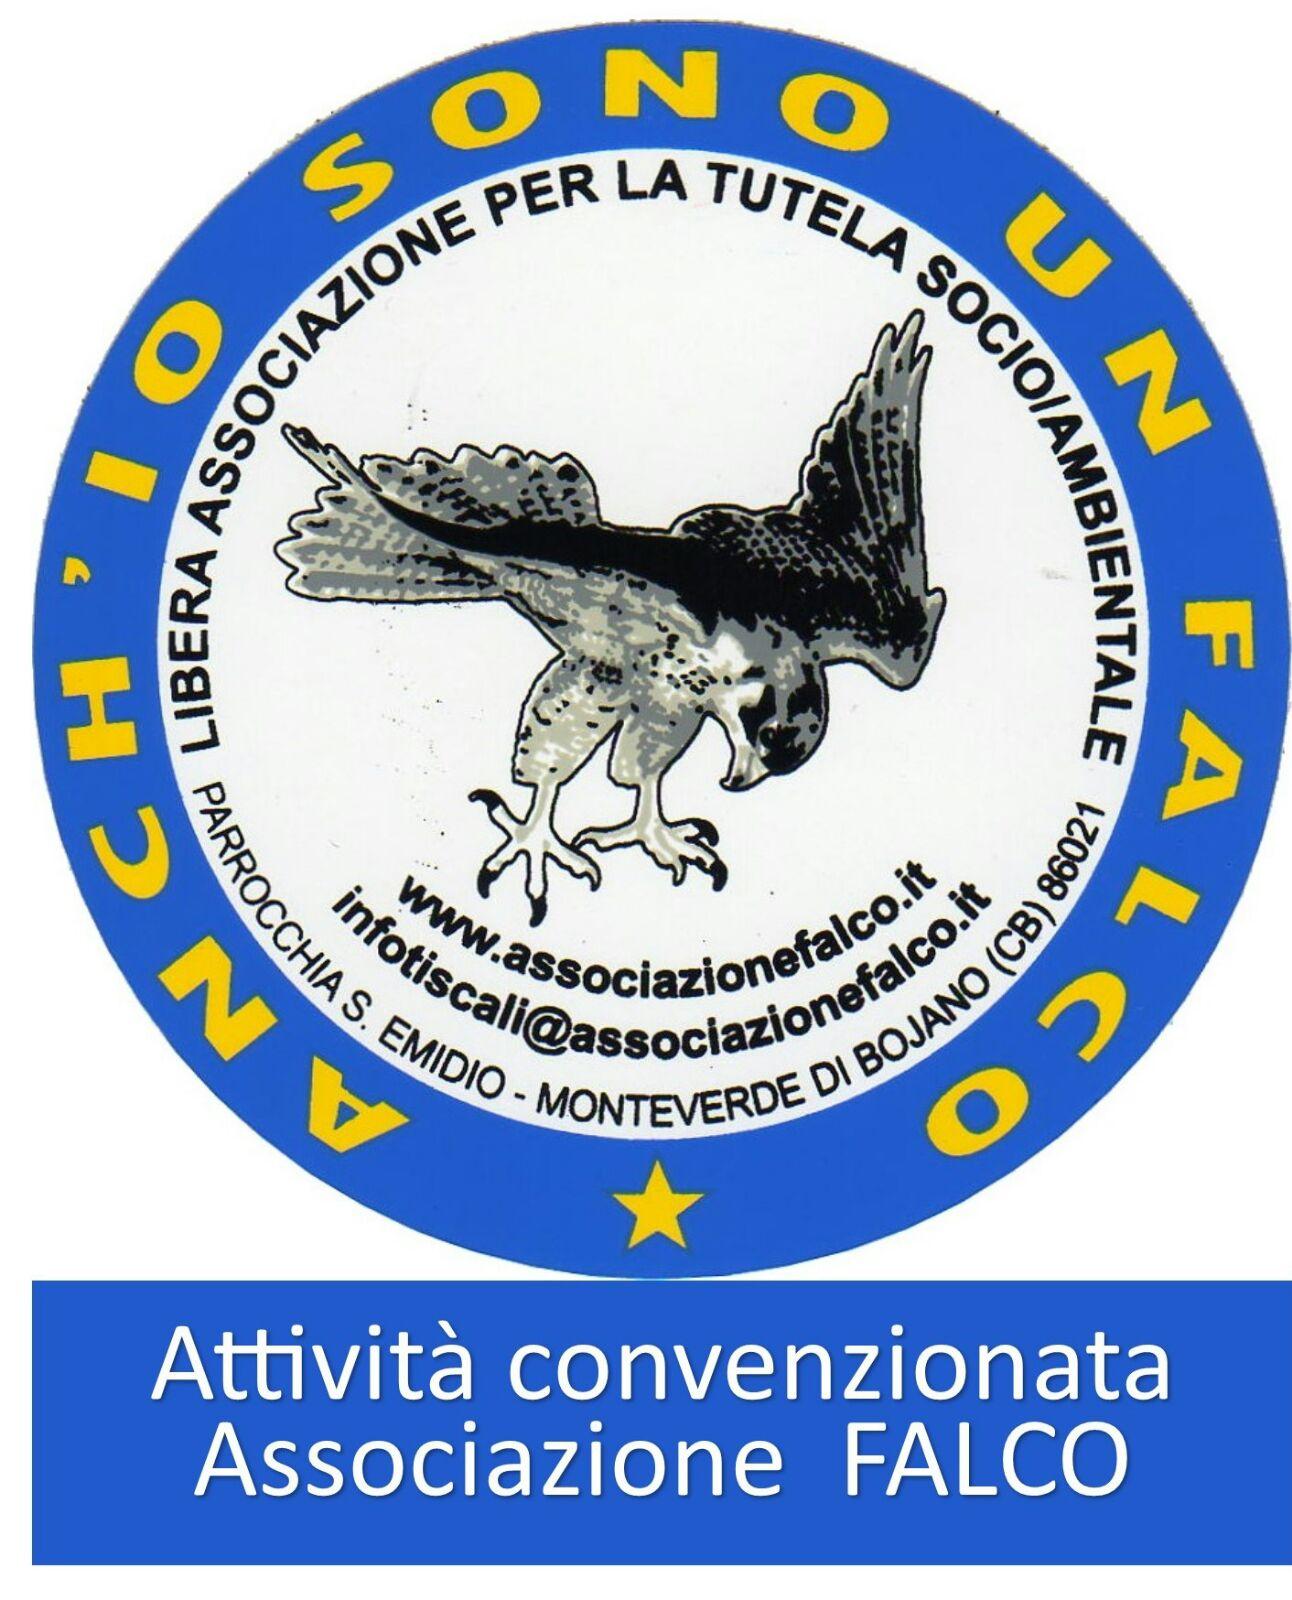 Caro socio sono Marro Giovanni attualmente presidente dell Associazione Falco alla quale sei iscritto Scrivo per unicarti che abbiamo provveduto a